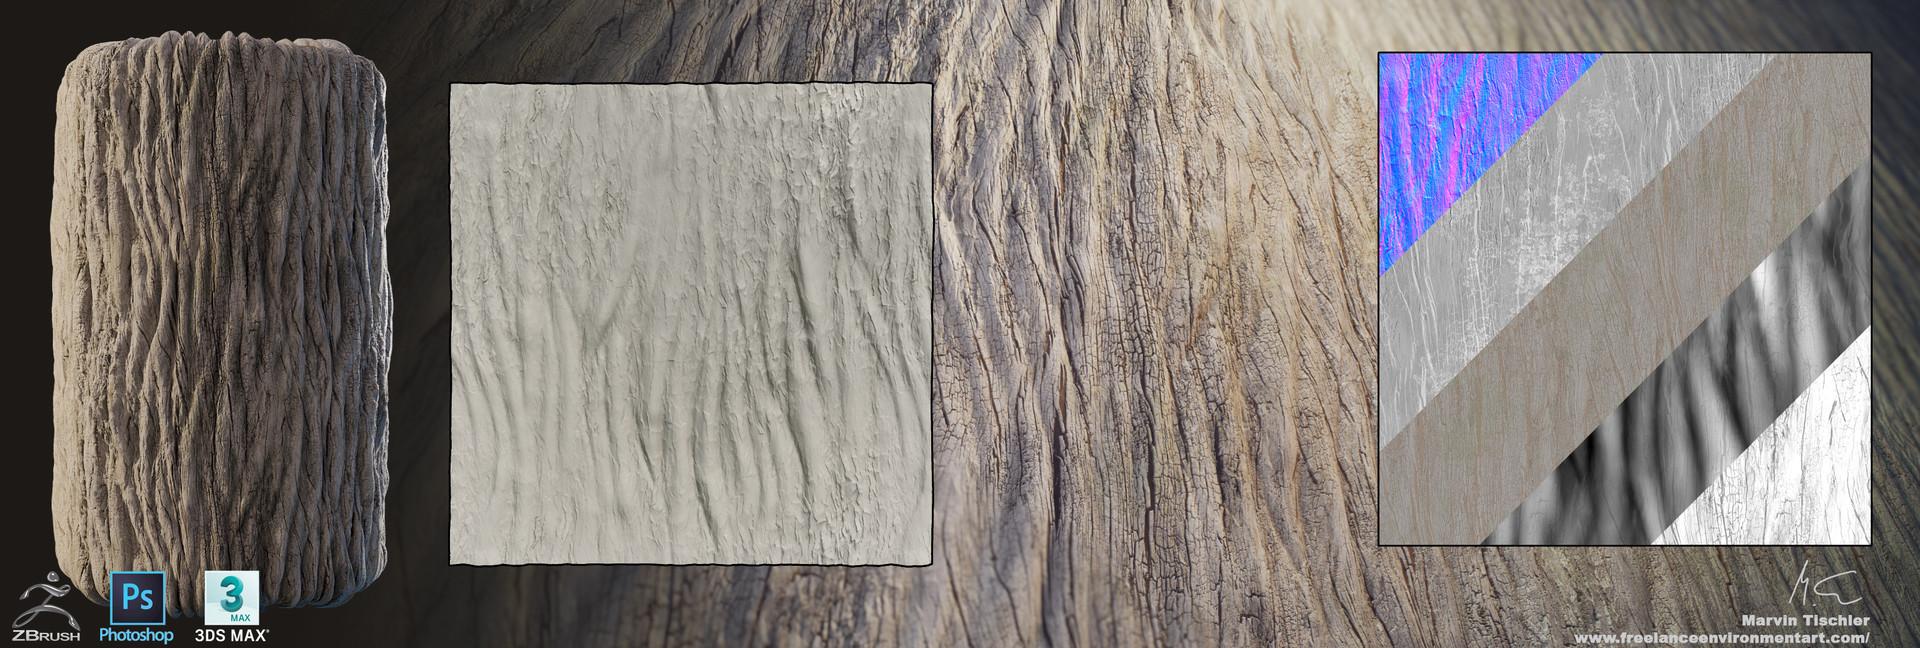 Marvin tischler textures 002 m